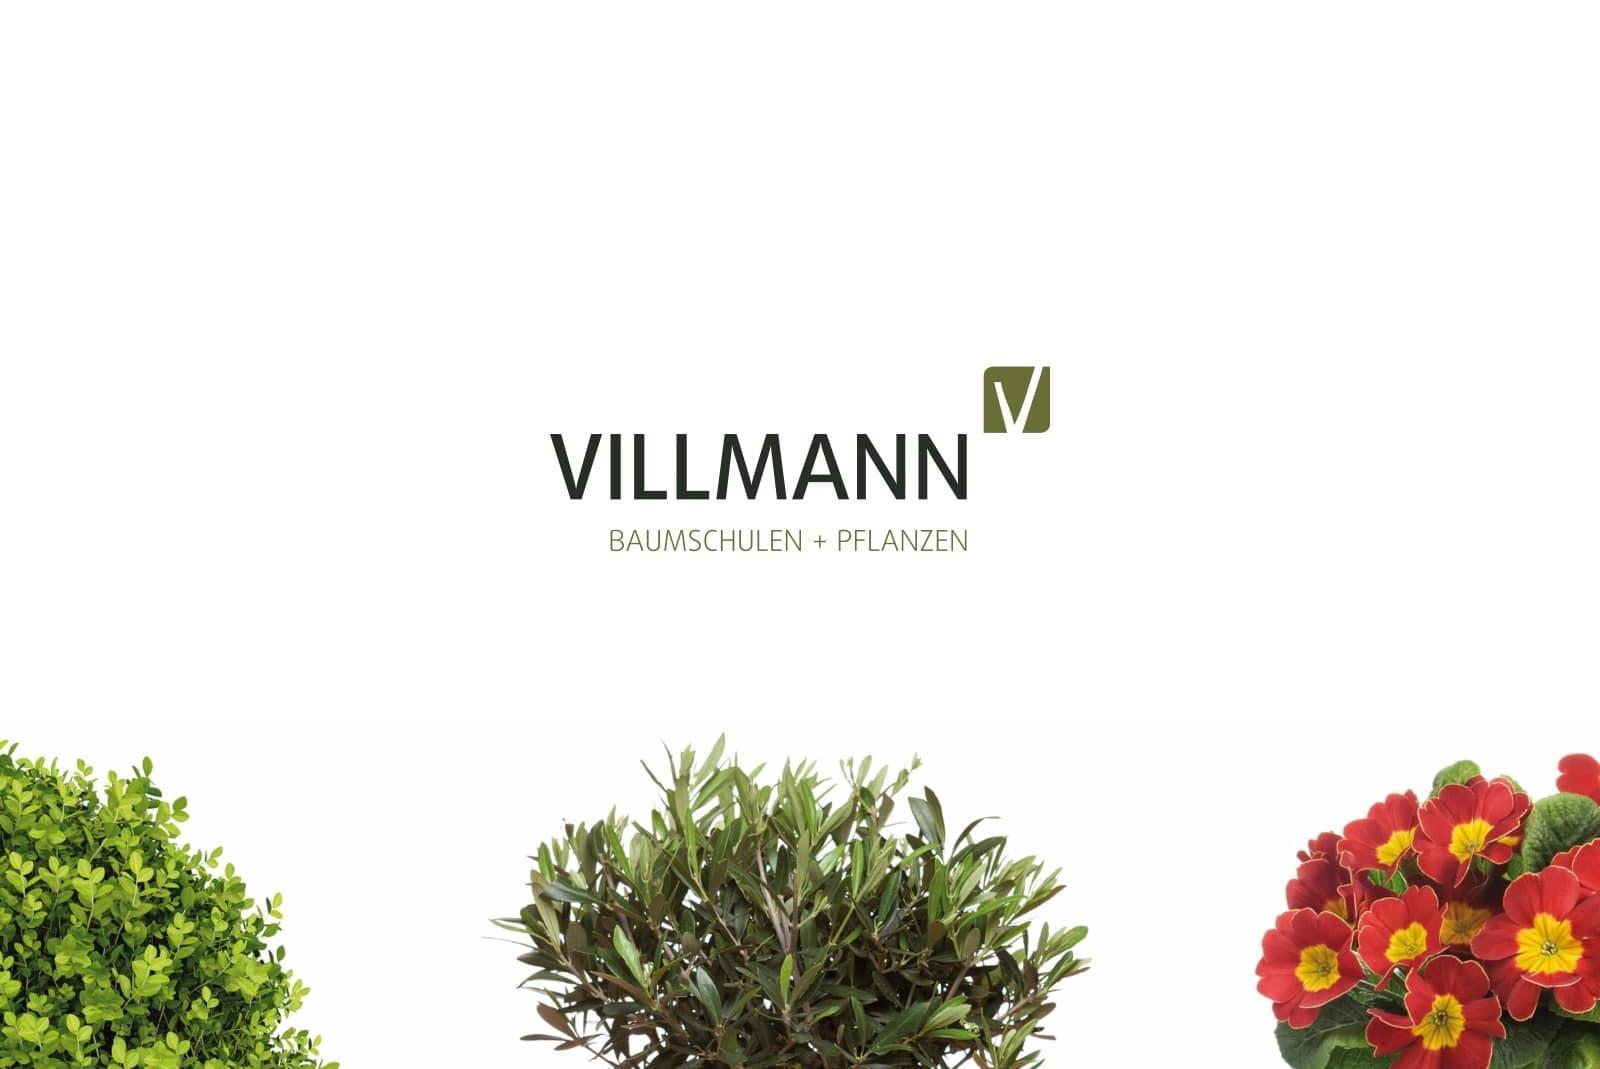 Villmann Baumschulen - Startseite